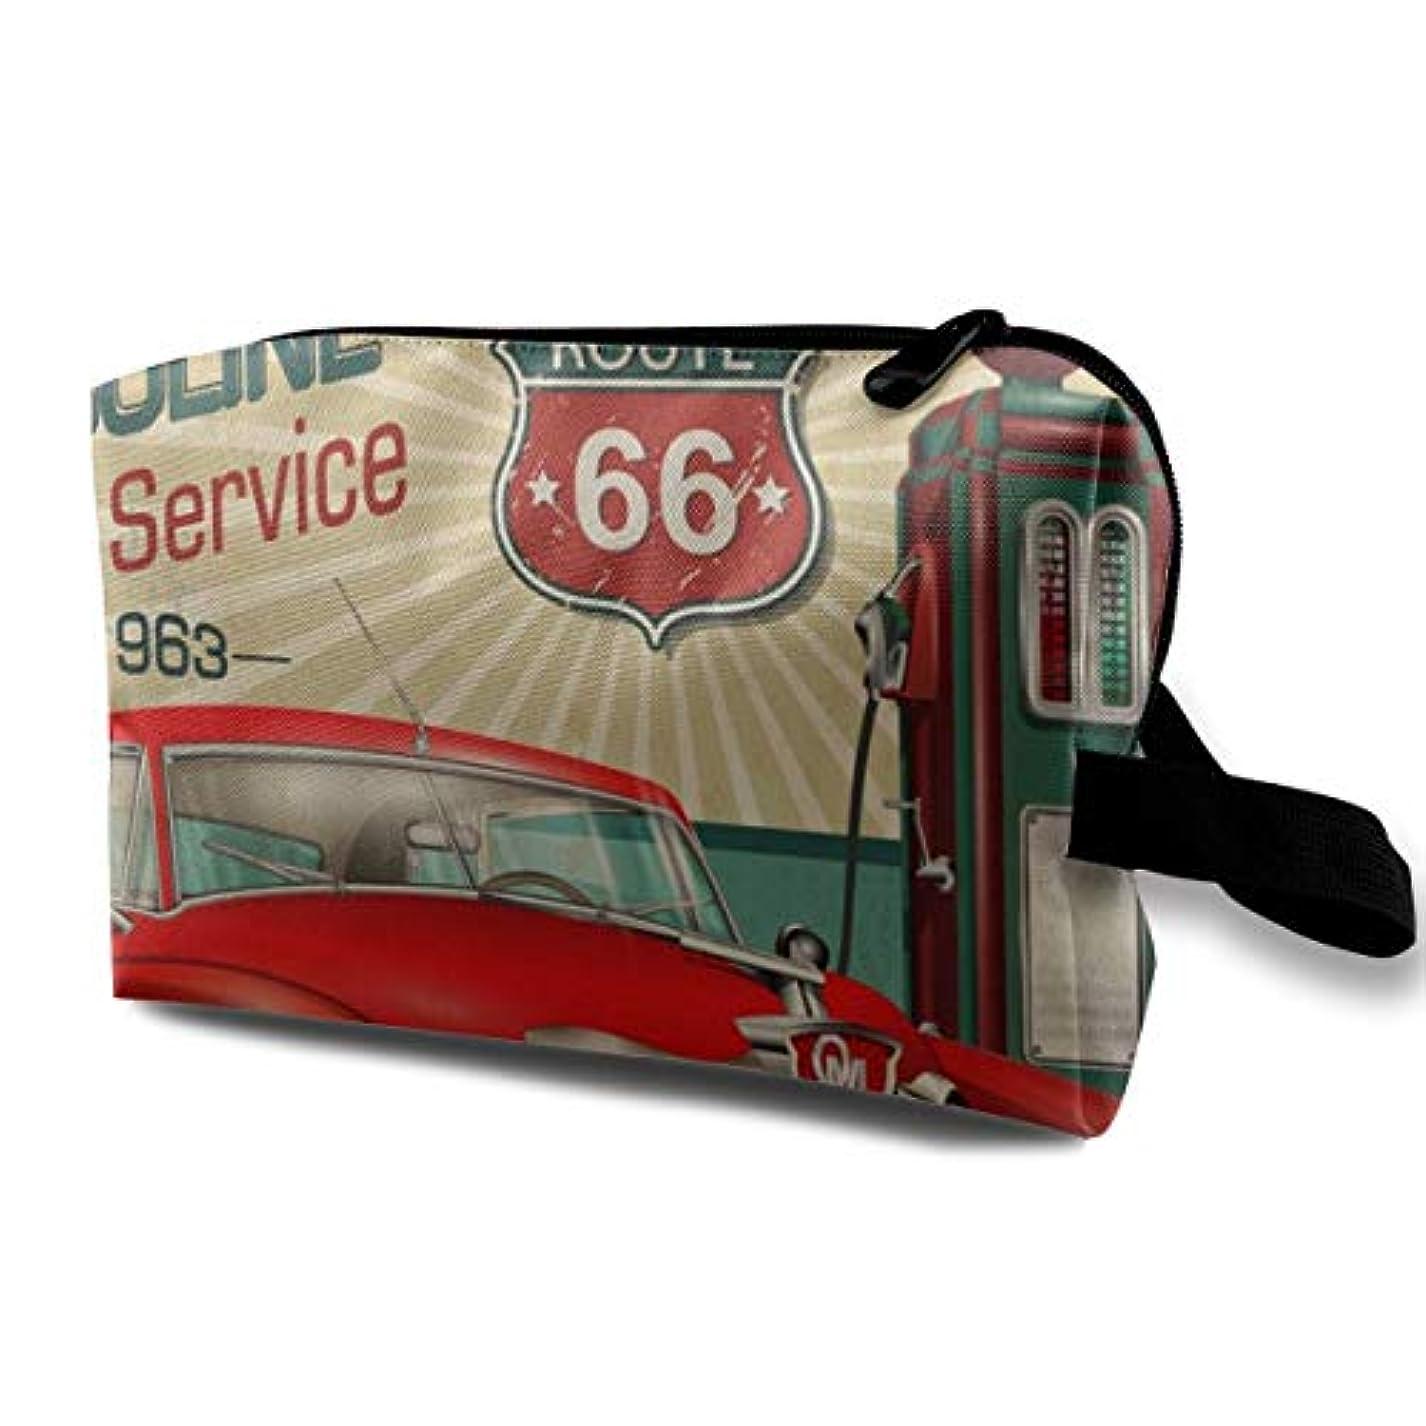 保存する委任金属1960s Route 66 Retro Poster 収納ポーチ 化粧ポーチ 大容量 軽量 耐久性 ハンドル付持ち運び便利。入れ 自宅?出張?旅行?アウトドア撮影などに対応。メンズ レディース トラベルグッズ